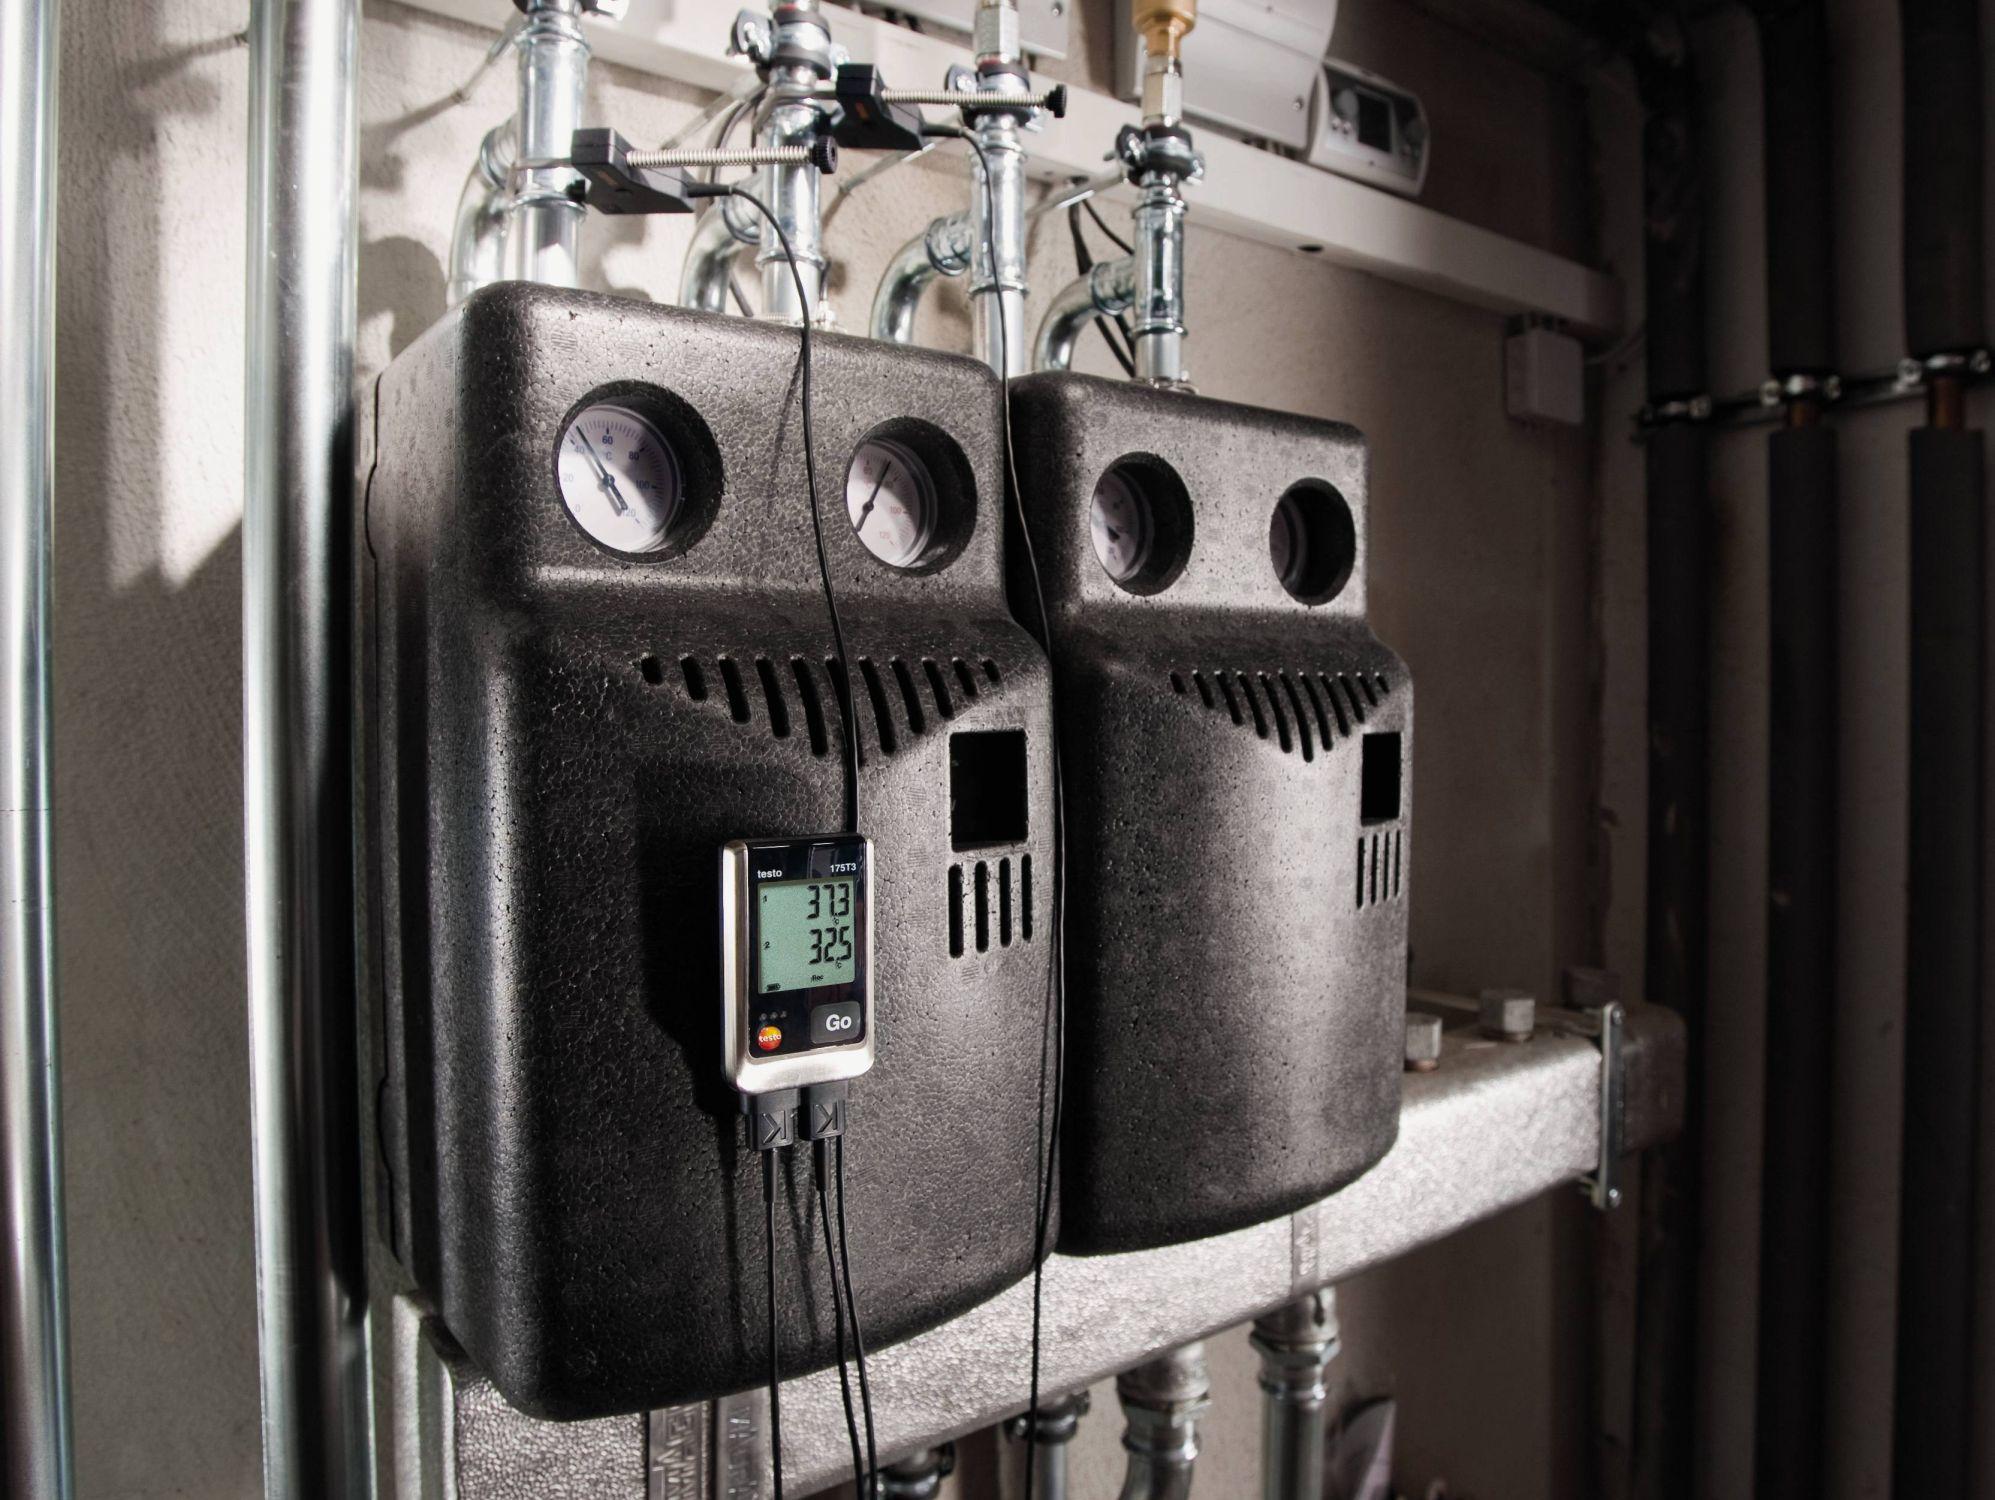 Использование логгера TESTO 176 t3 для записи температуры в системе отопления